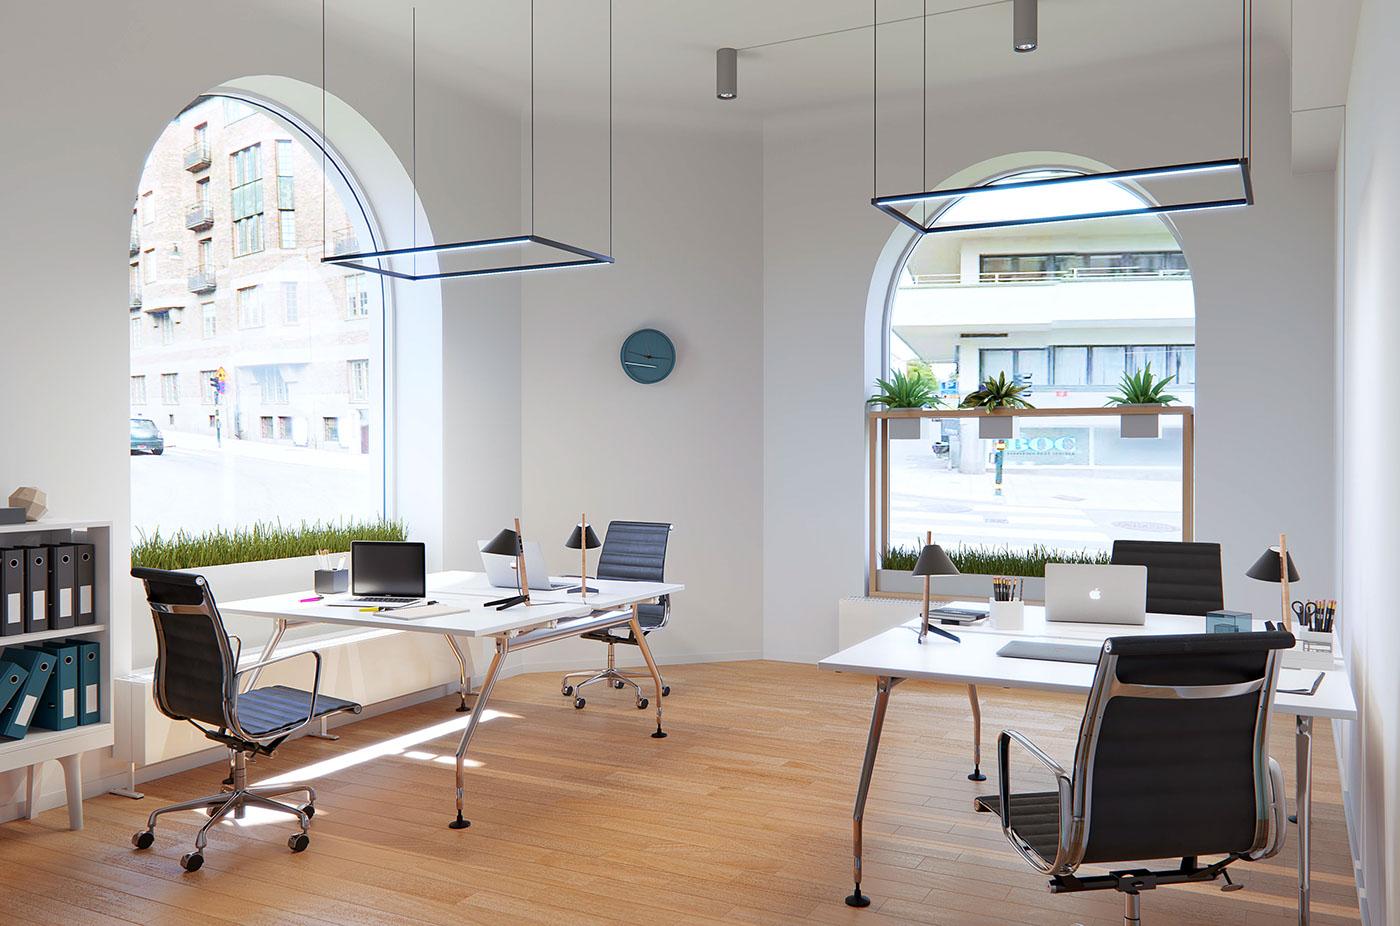 有獨特感的17款辦公桌設計欣賞